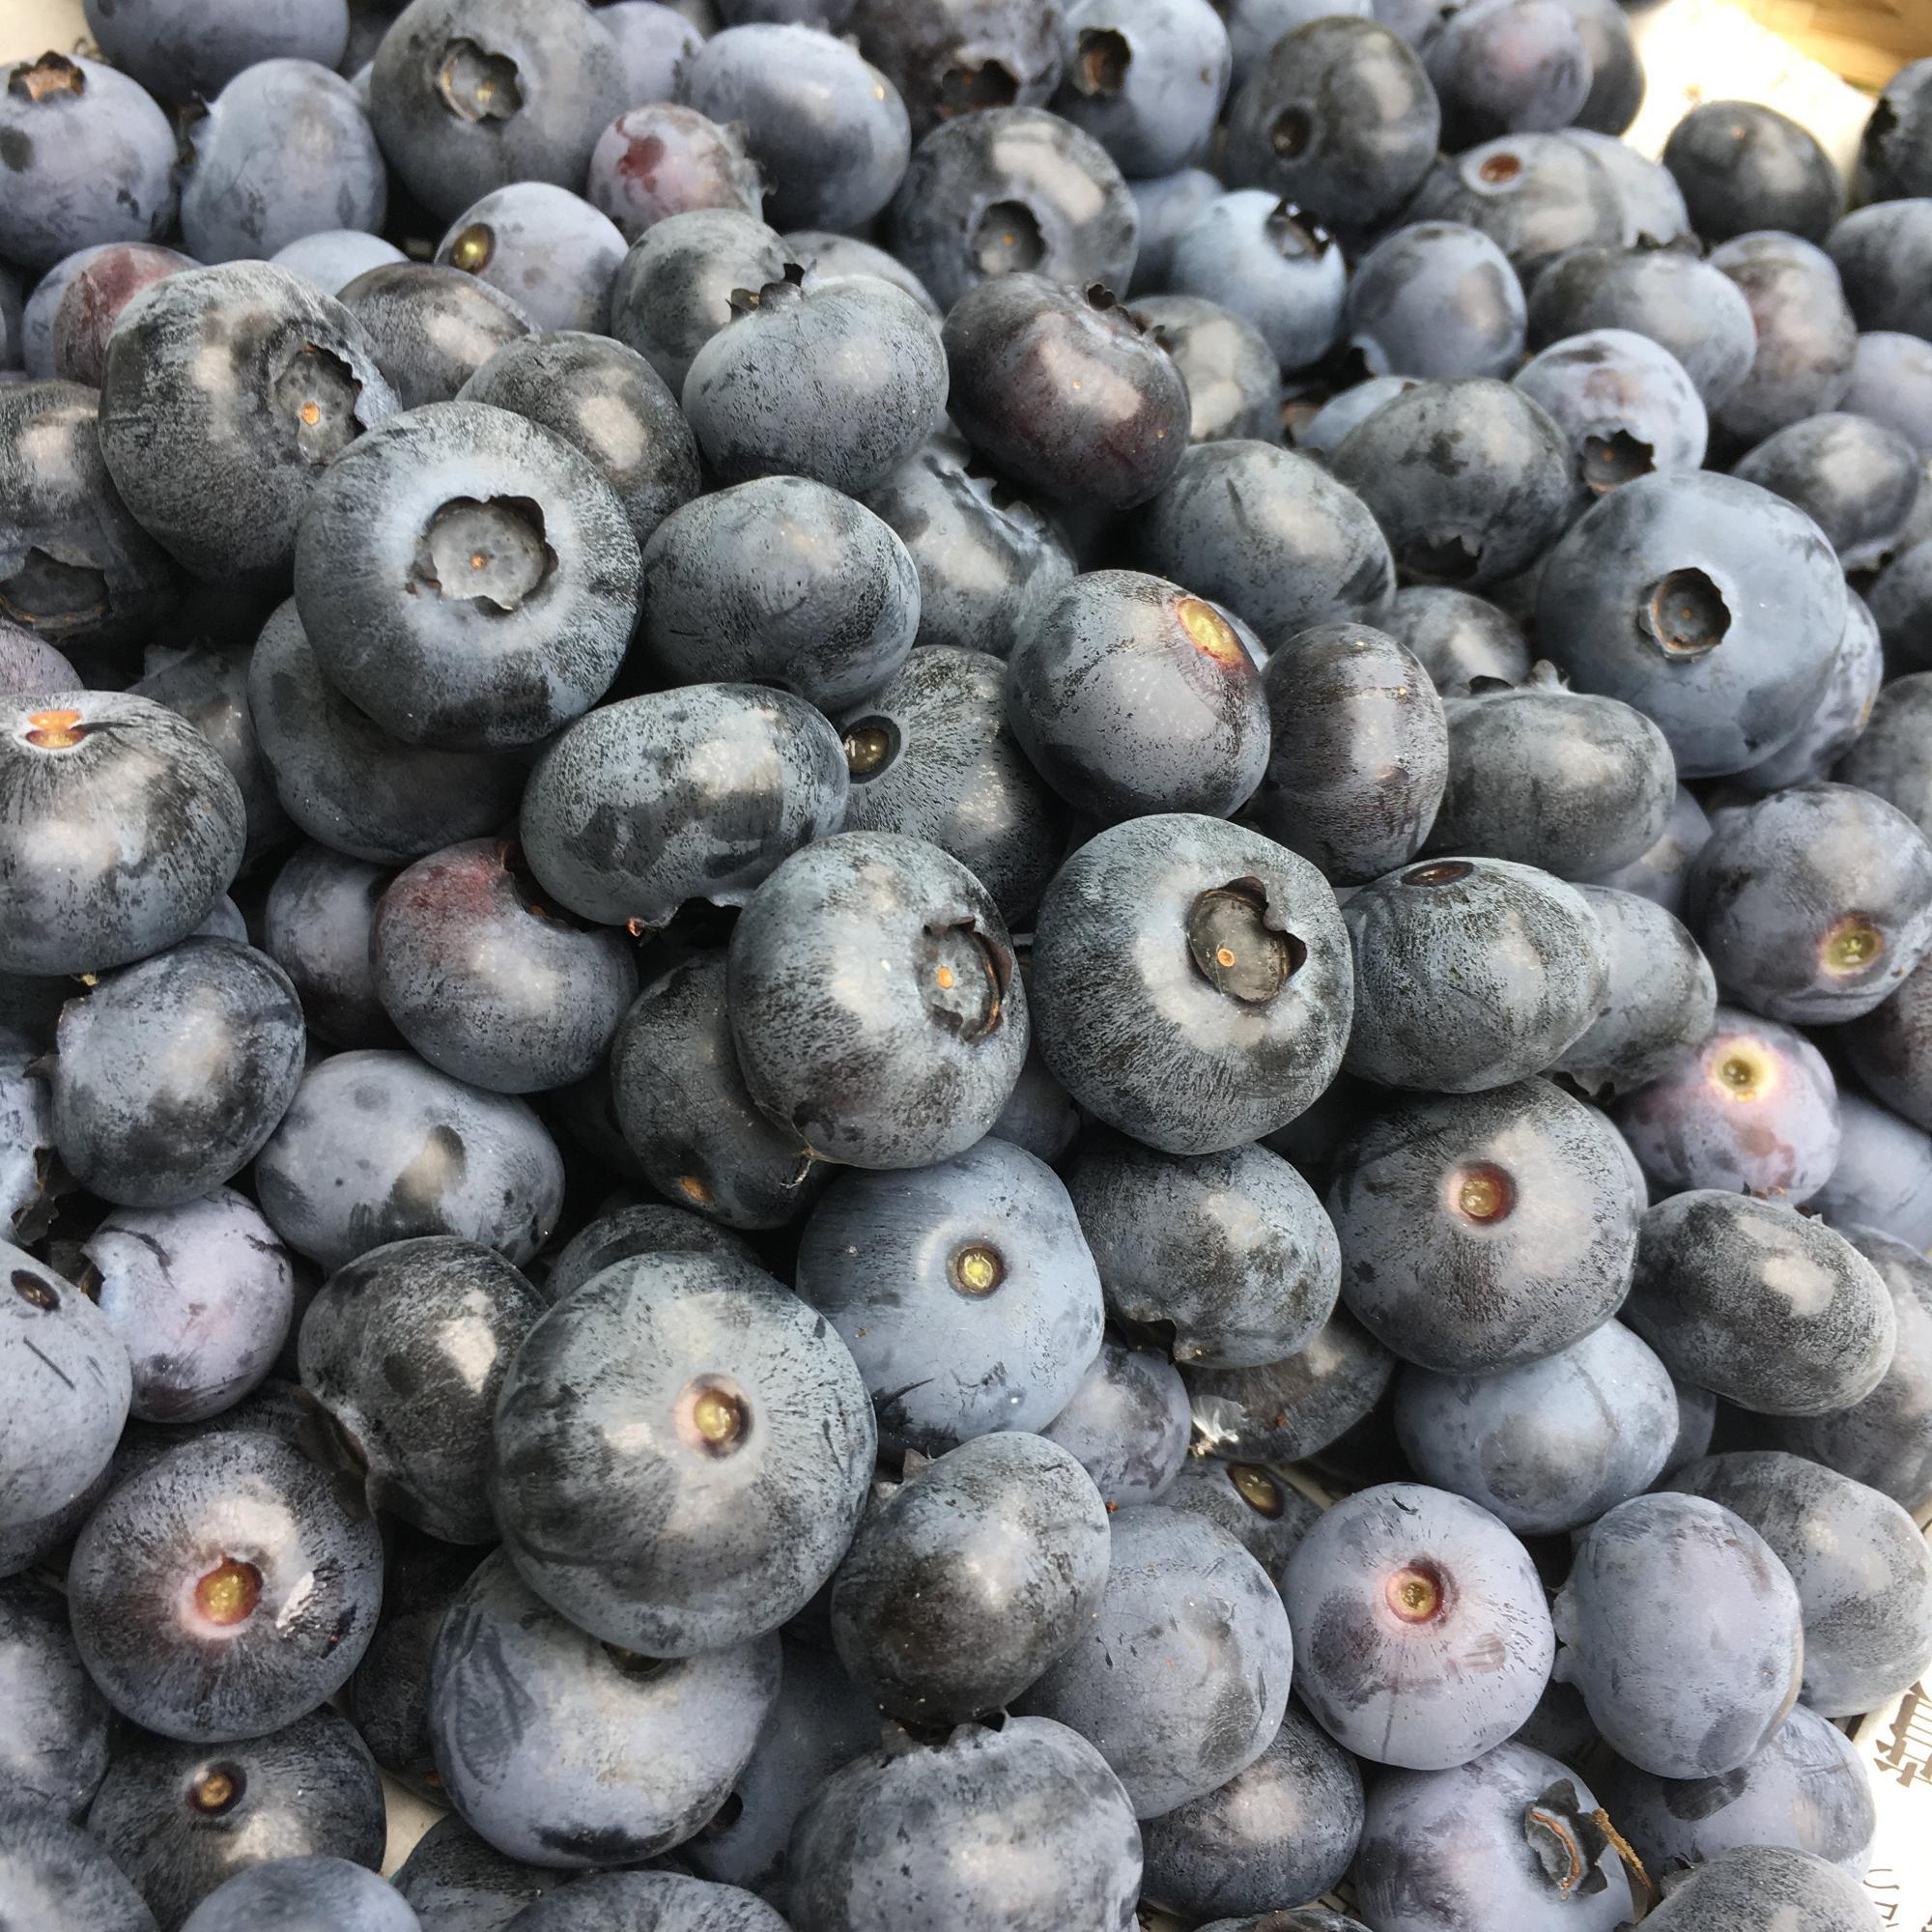 熟して美味しいのは、紫色が濃くて、ブルームという白い粉が吹いているもの。ブルームは実の水分が蒸発しないようにとブルーベリー自らが出すもの。新鮮な証拠なのです